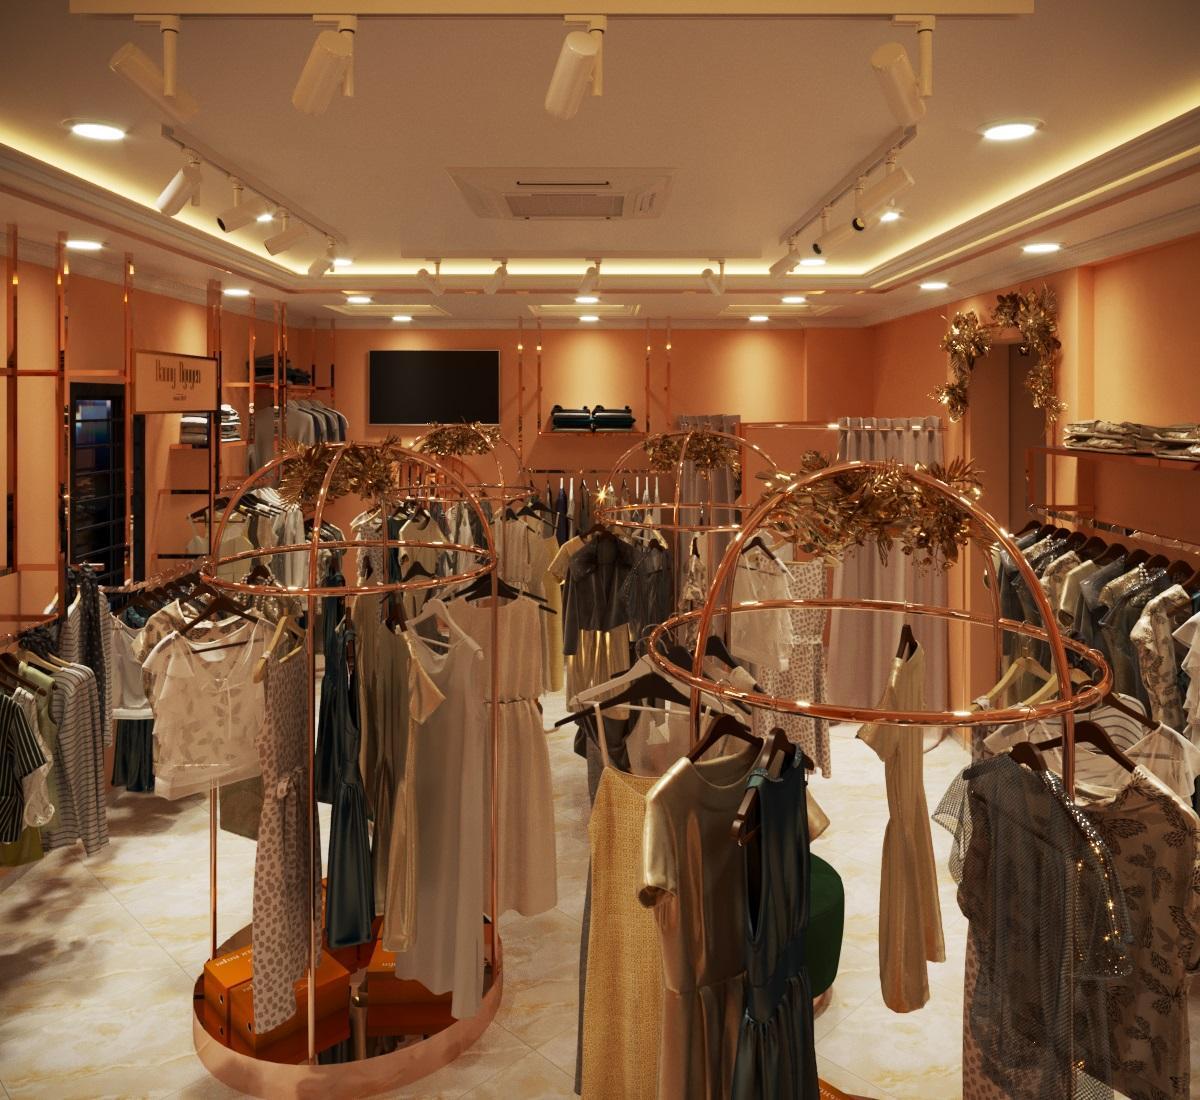 thiết kế nội thất Shop tại Hà Nội SHOP THỜI TRANG DANNY NGUYEN 9 1569650997